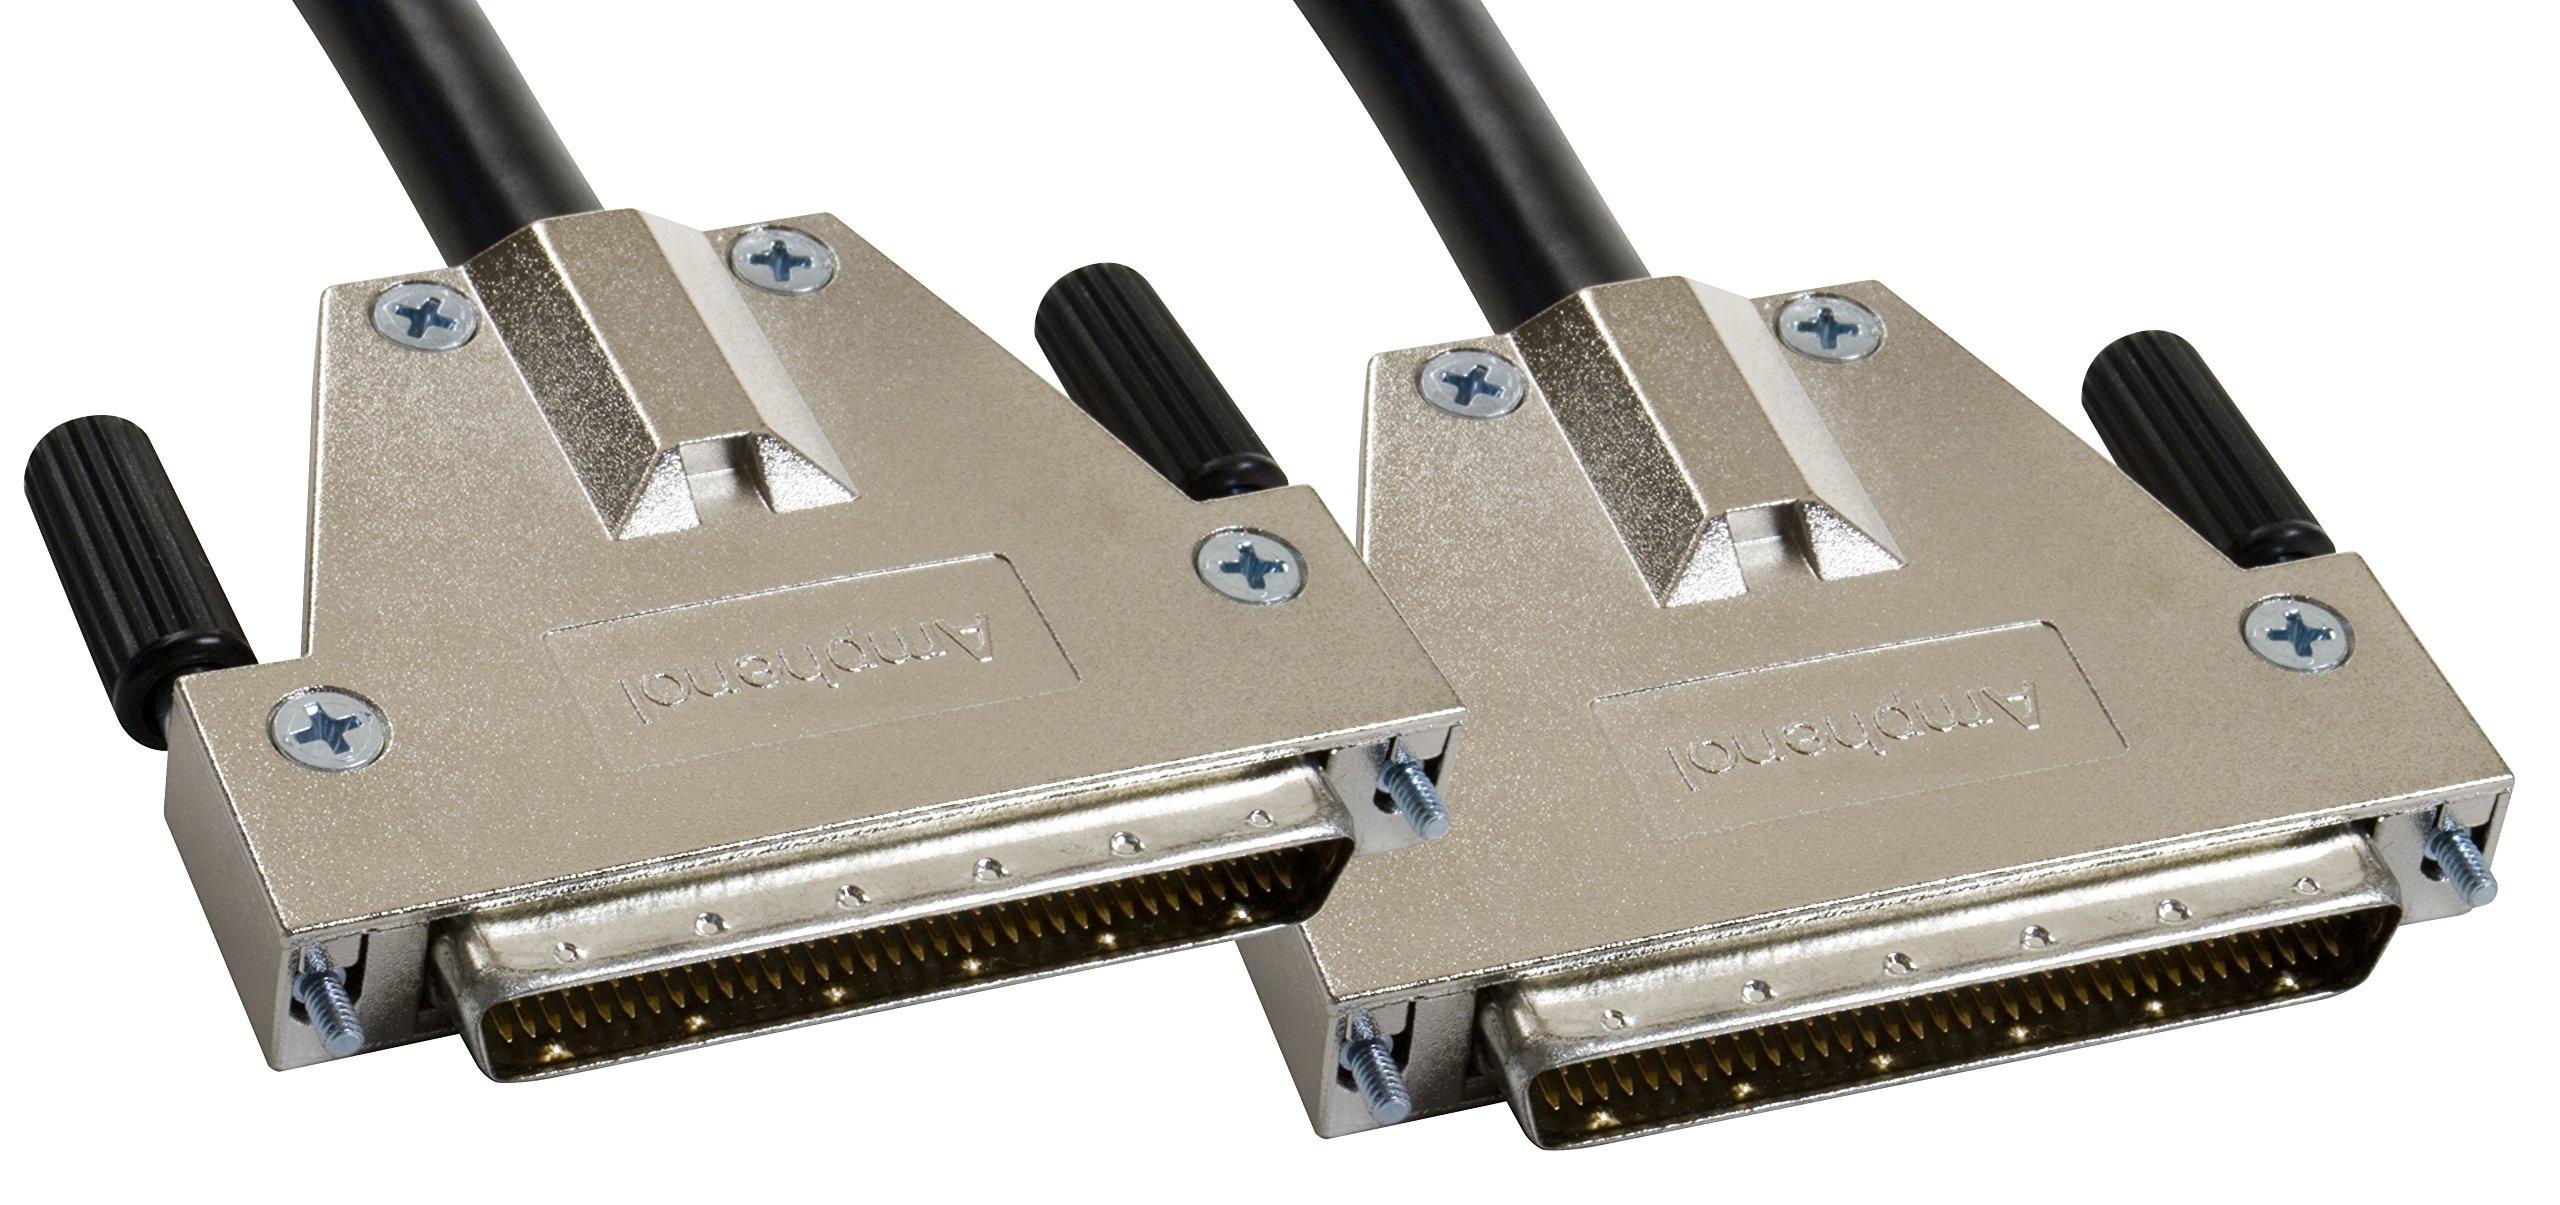 Amphenol CS-SCSI3DB680-000.5 SCSI-3 LVD/SE Ultra3 SCSI Cable, HD68 Male/Male, 0.5 m, 1.6', Black by Amphenol